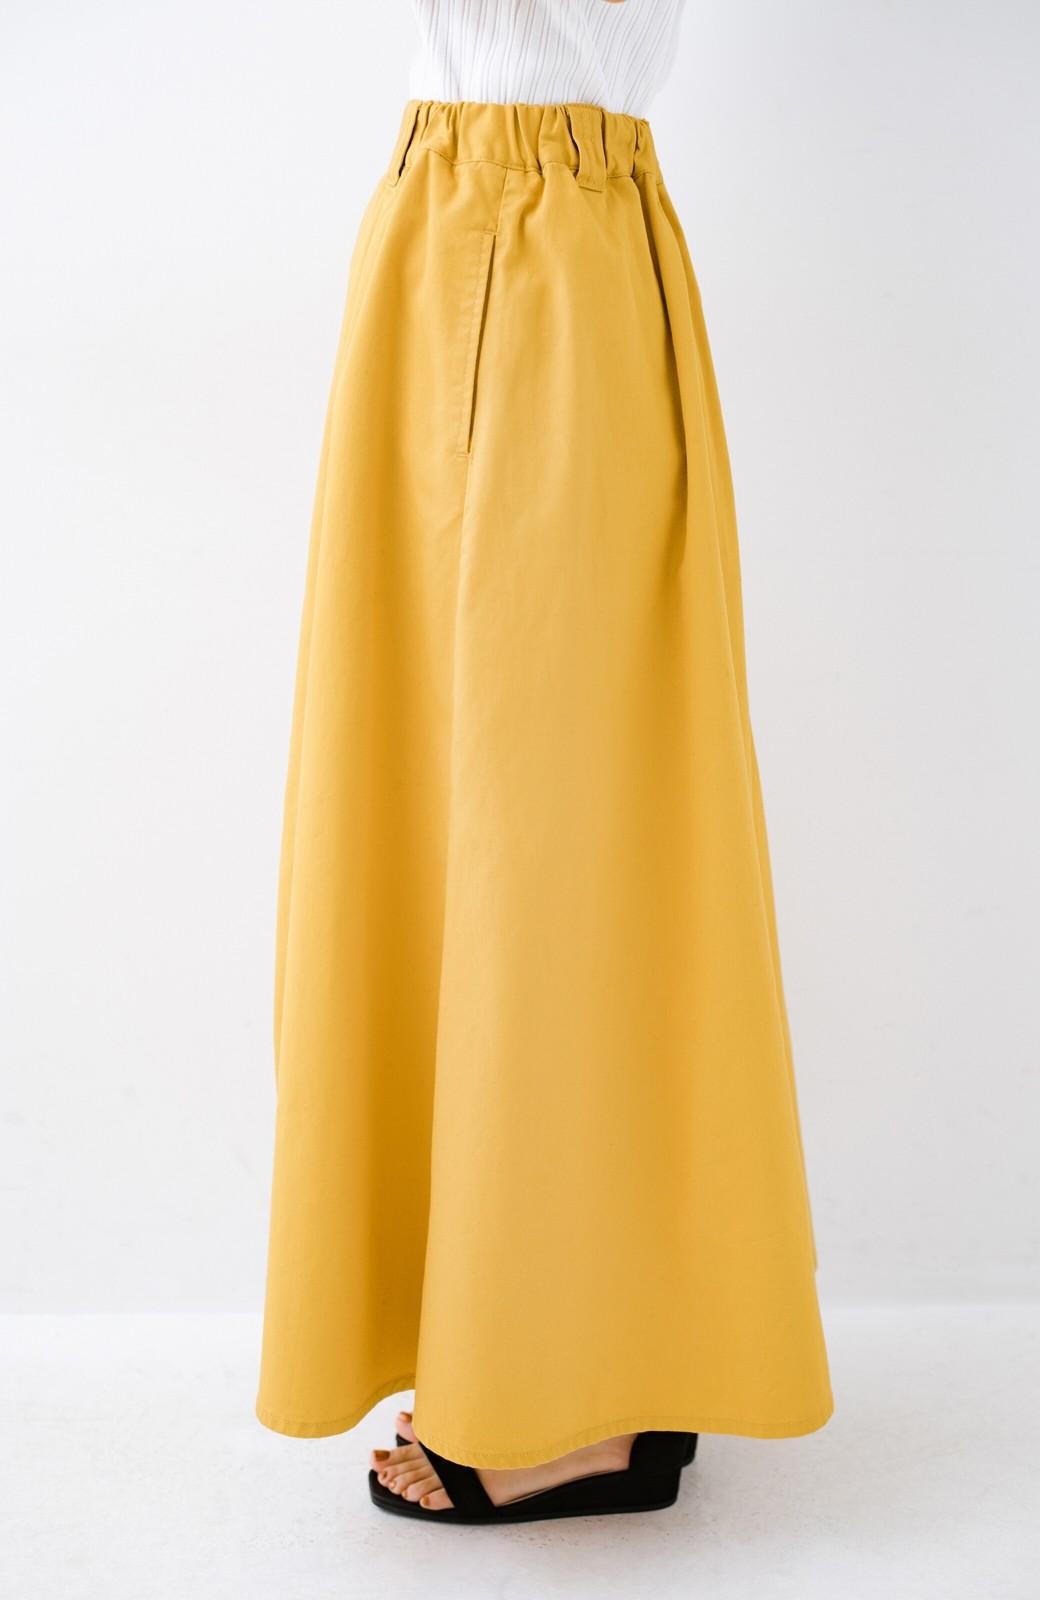 haco! ロングシーズン楽しめる タックボリュームのチノロングスカート <イエロー>の商品写真7